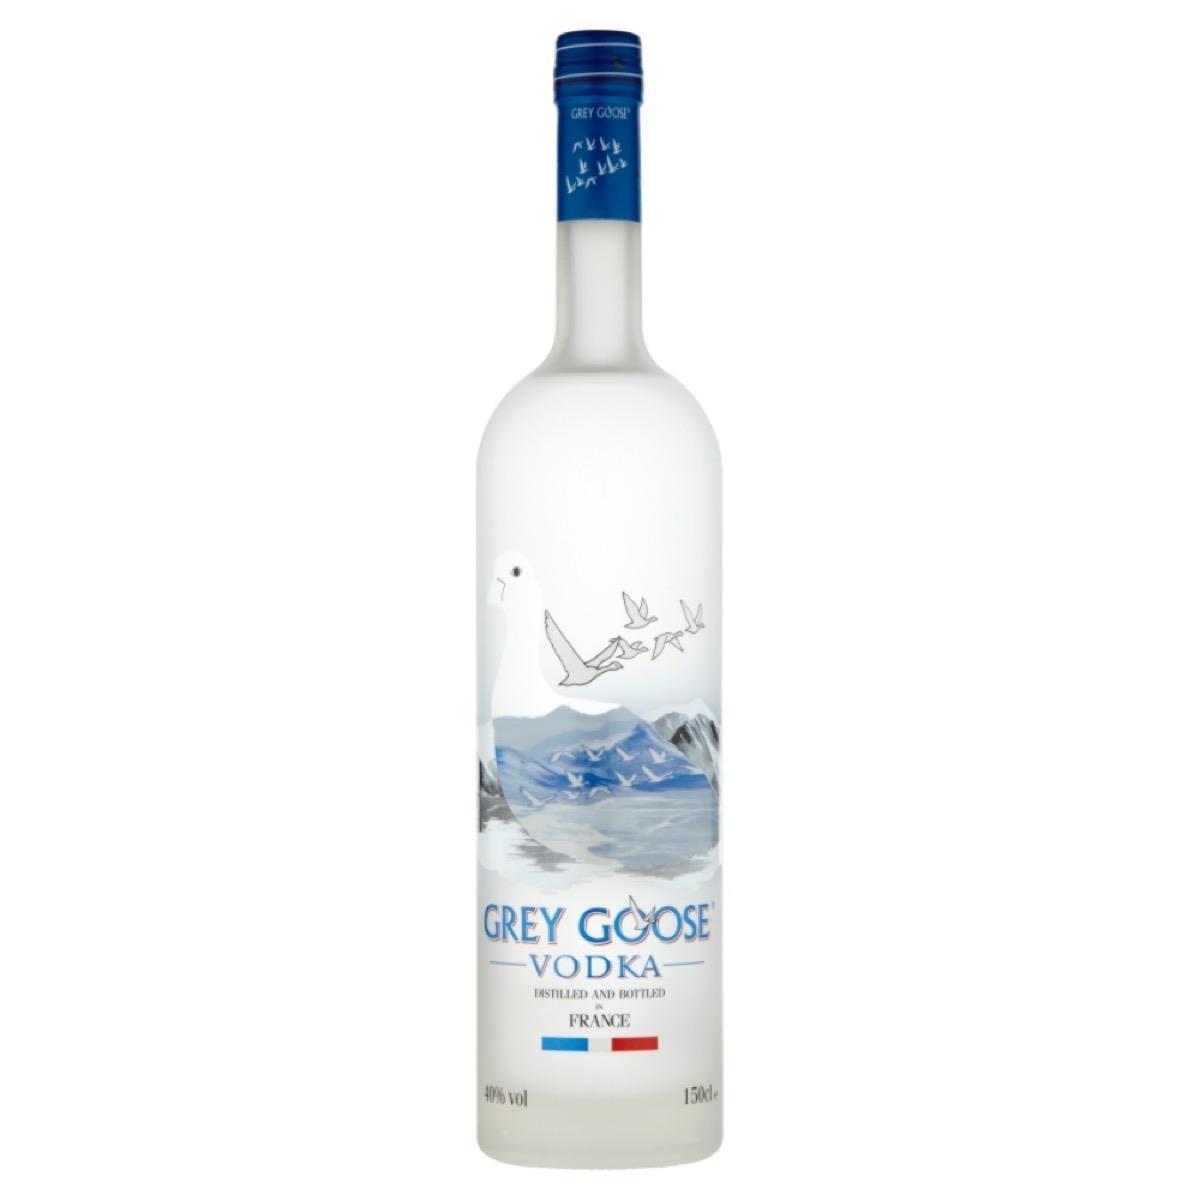 Grey Goose Βότκα 1,5lt